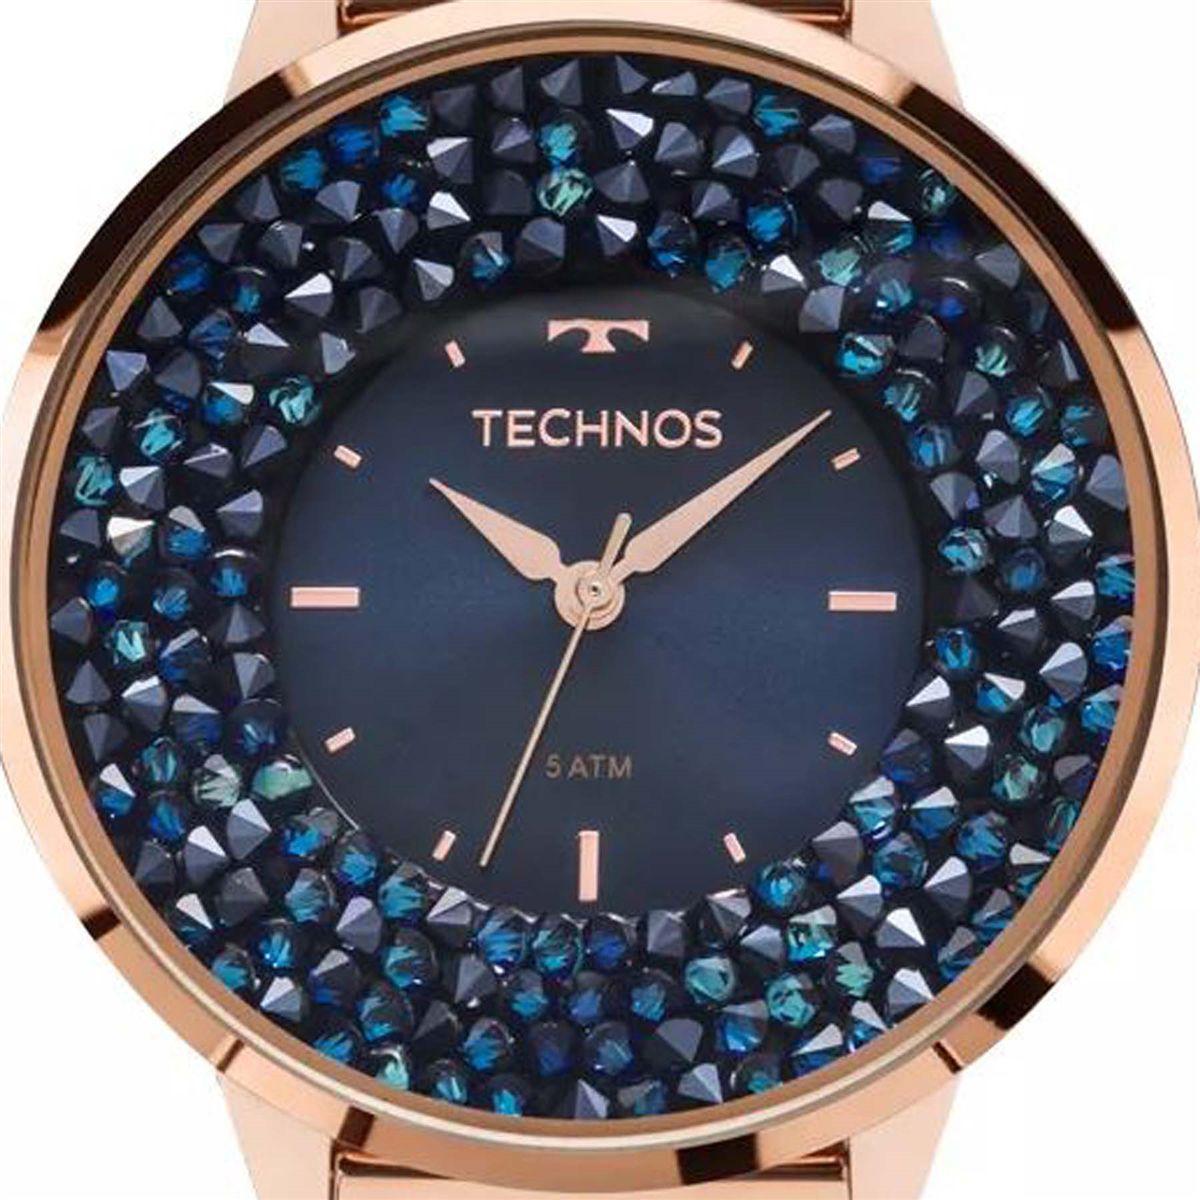 1c27d16b7efc5 Relógio Technos Swarovski Elegance Analógico Feminino 2035MLE 4A R  589,00  à vista. Adicionar à sacola